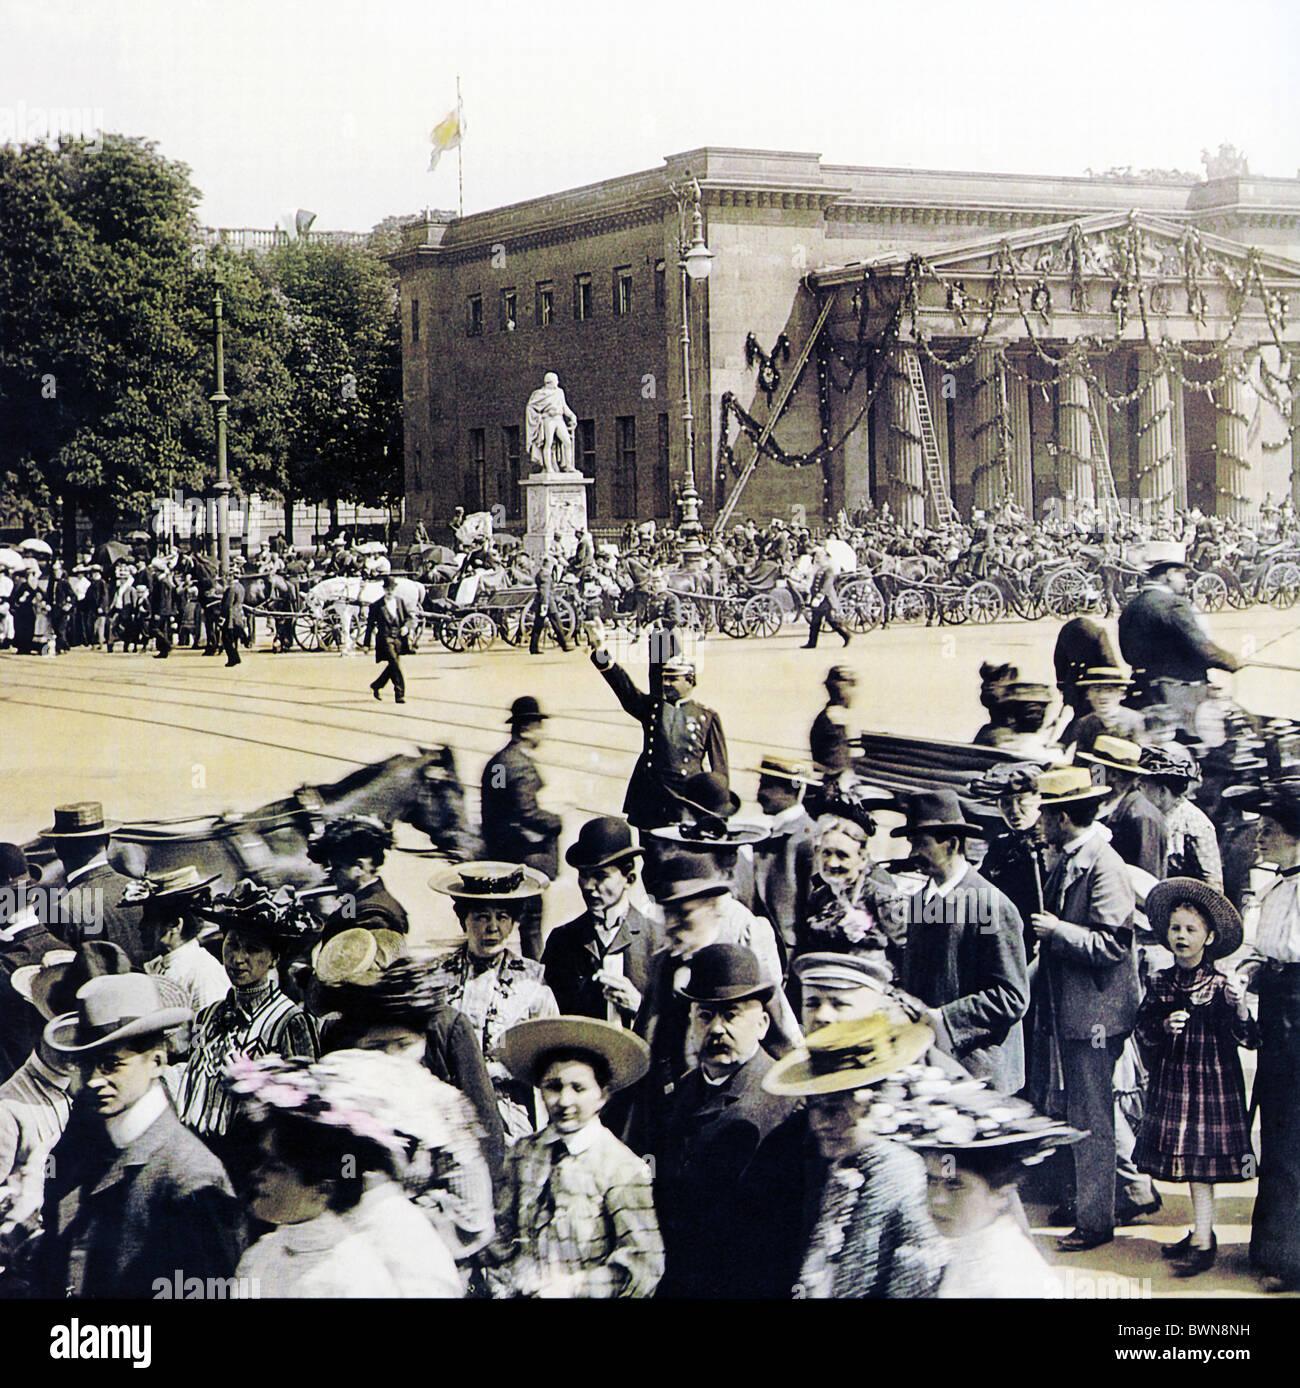 1905 Berlin Neue Wache Juni 3 Geschichte historische historische Deutschland Europa Deutsche Reich Parade Menge Stockbild